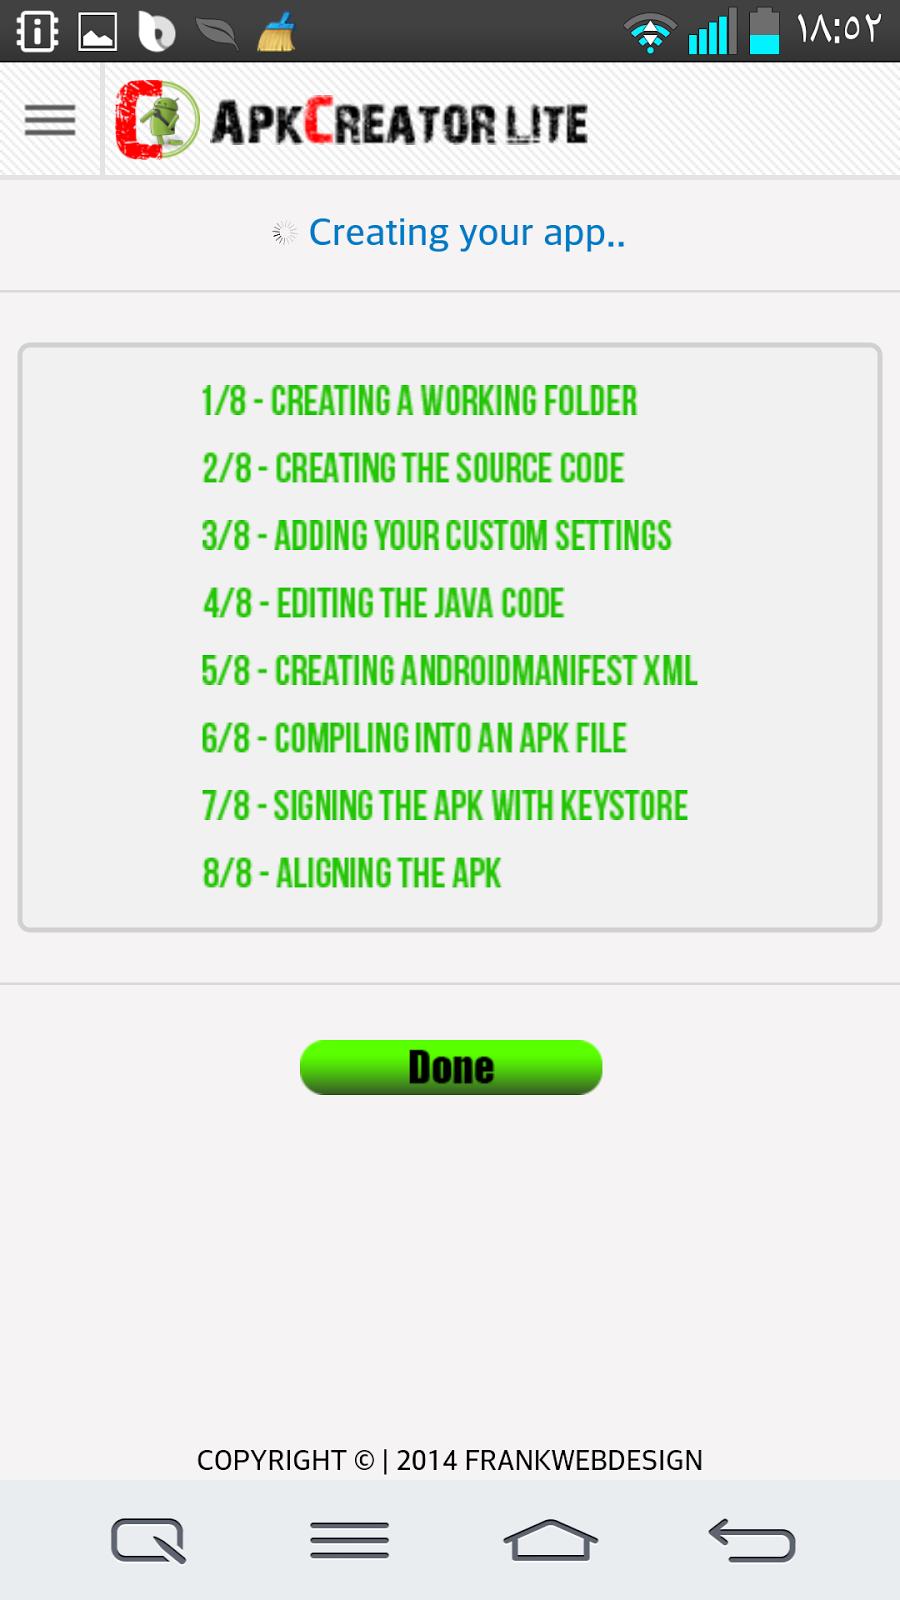 كيفية عمل تطبيق لموقعك على الاندرويد بأسهل طريقة والافضل على الاطلاق Screenshot_2014-02-07-18-53-00